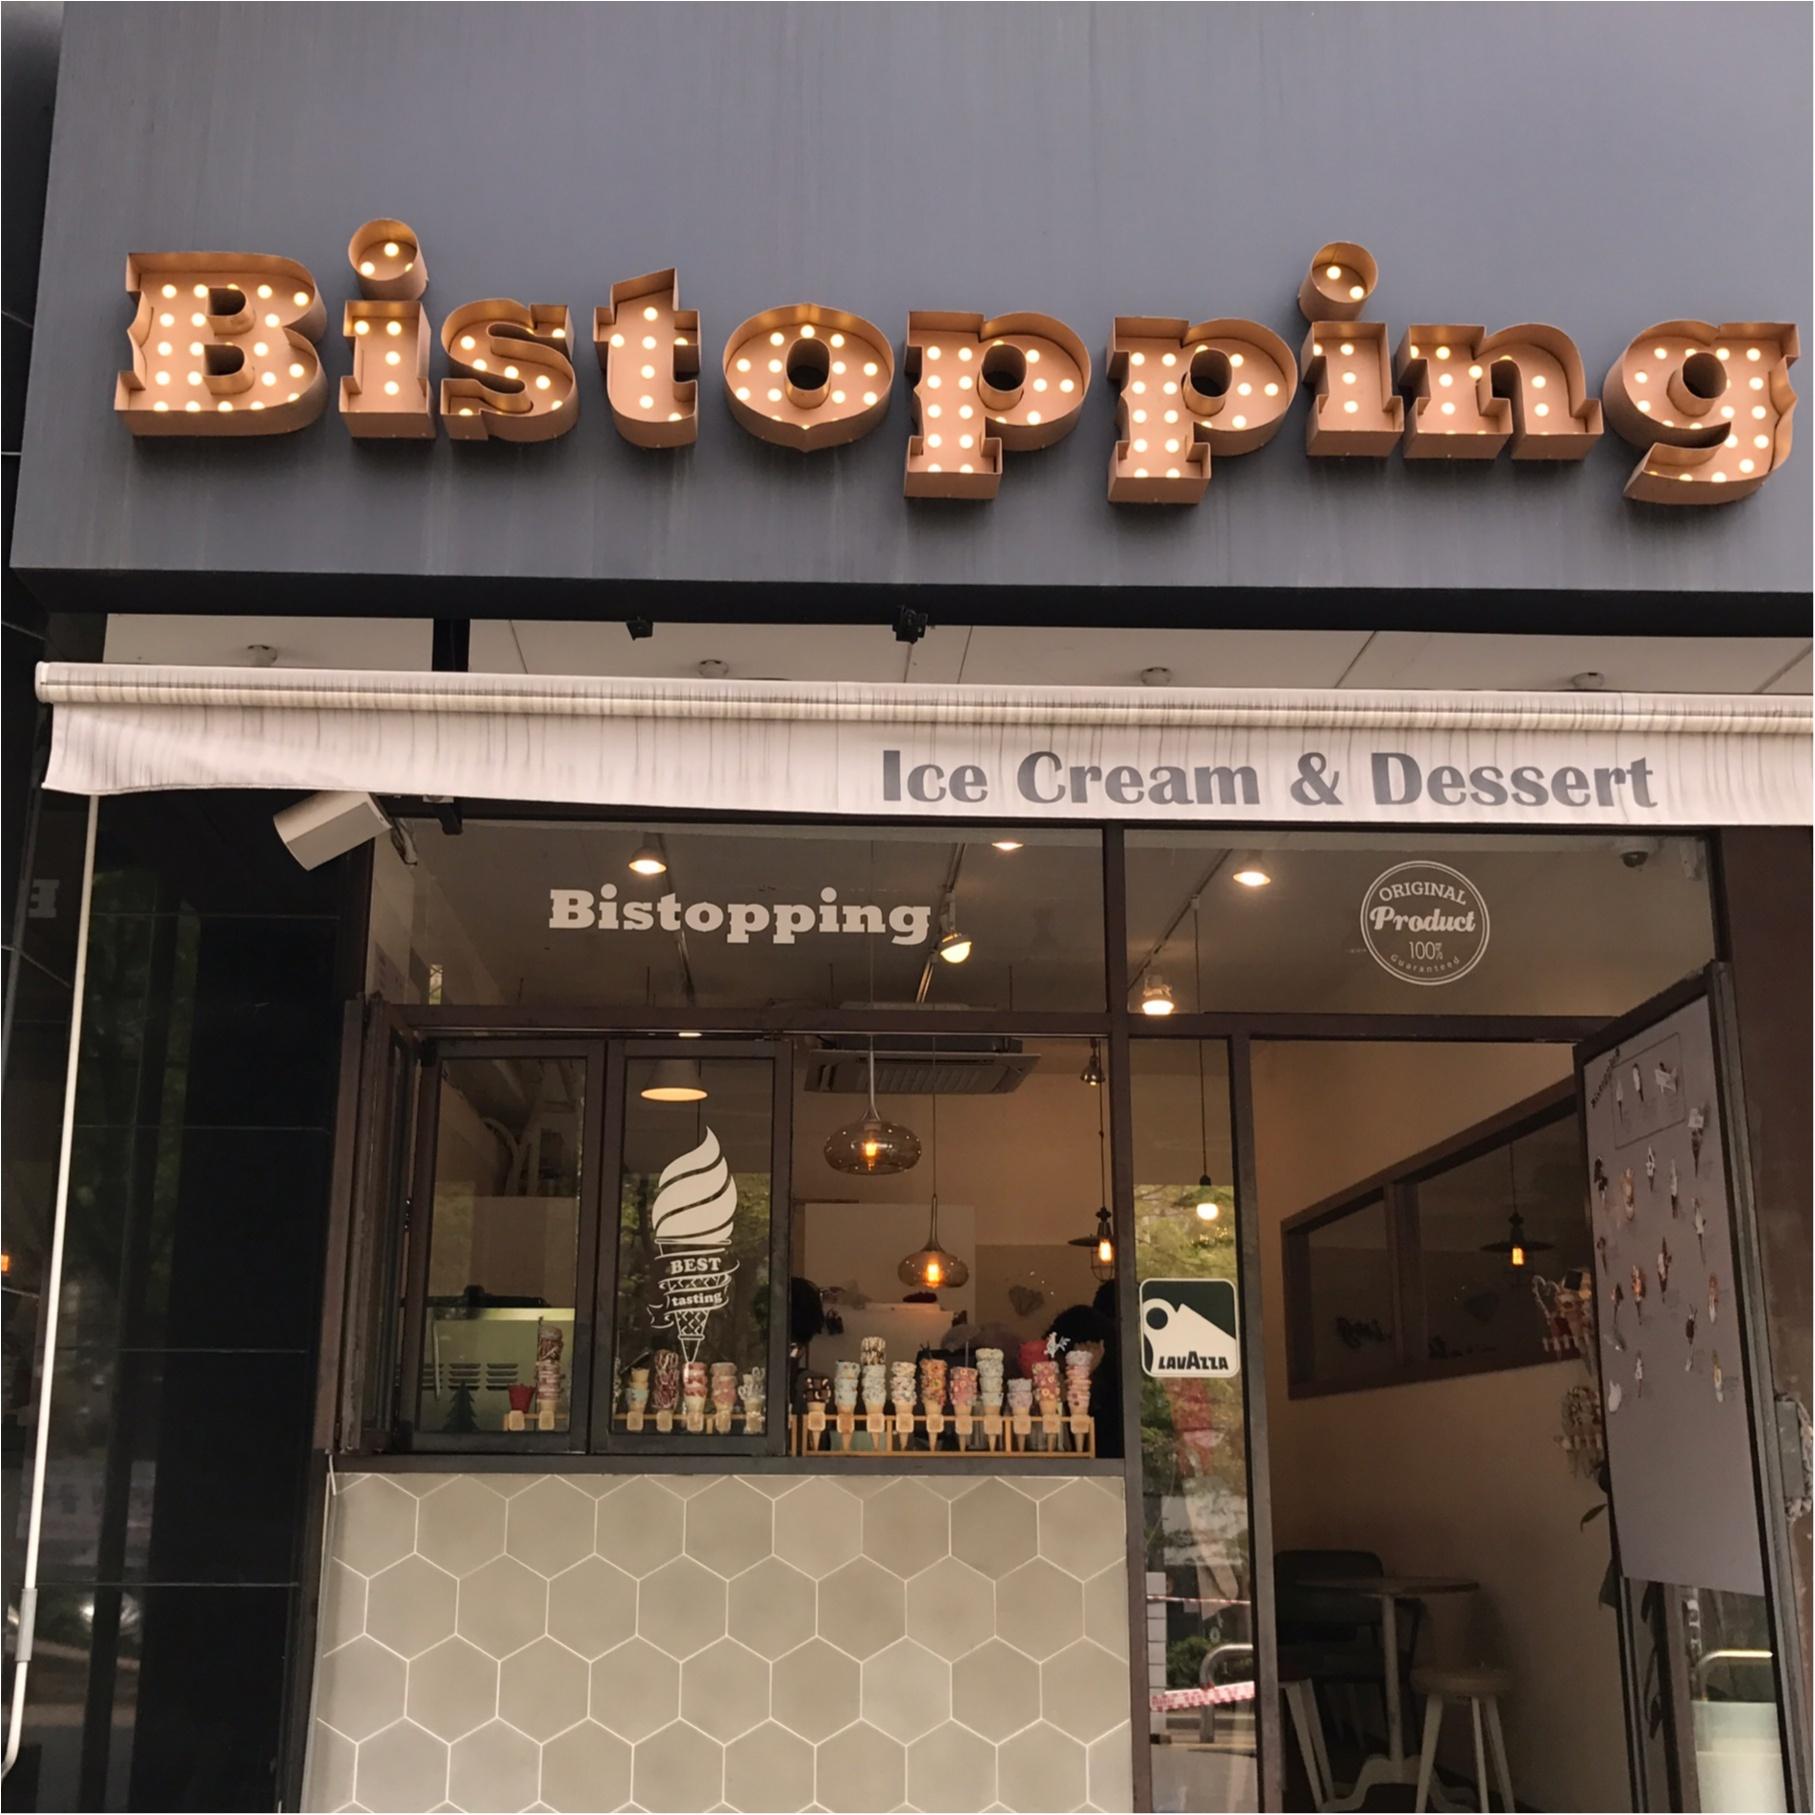 ★写真好きは押さえるべき!韓国へ行ったら『Bistopping』は絶対外せないフォトジェニスポット★_1